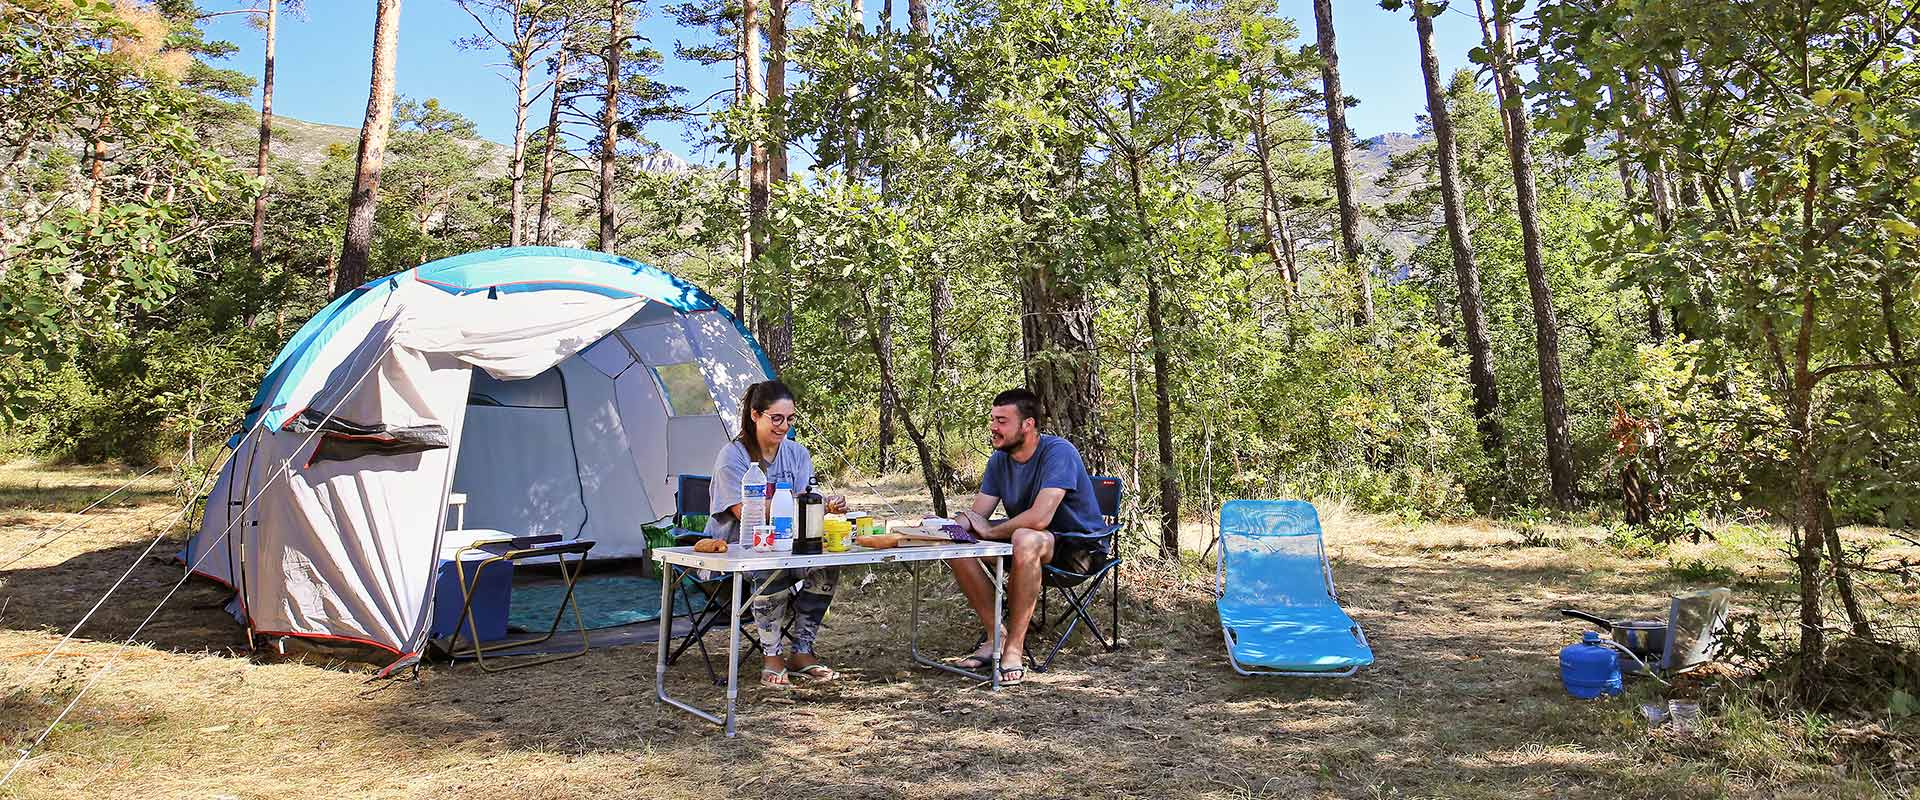 Camping Gorges du Verdon mein-PLATZ